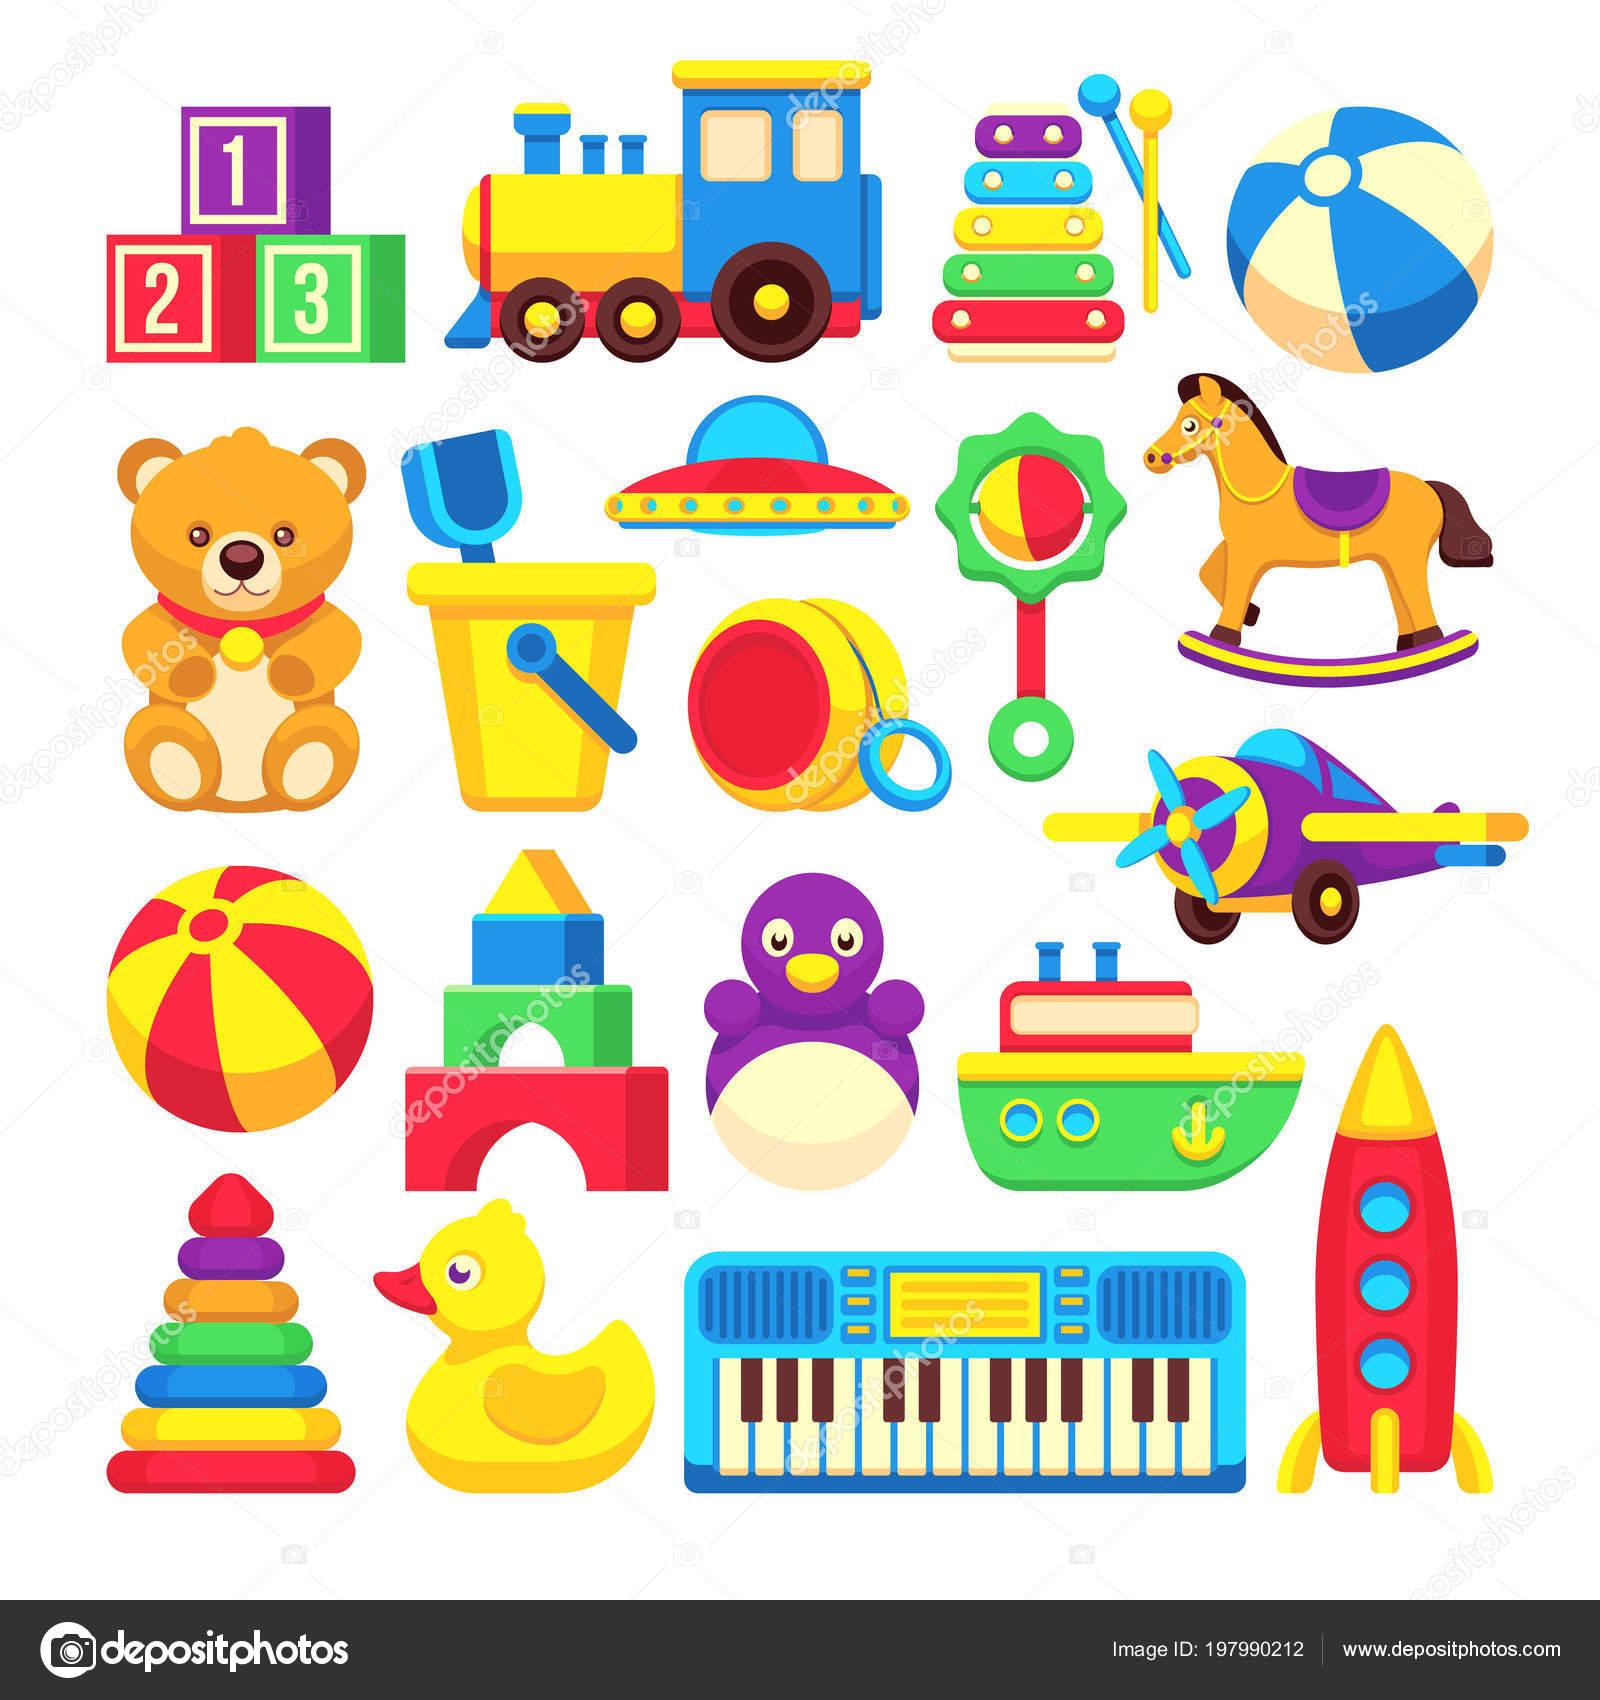 A Ton Of Rooms With Colorful Toys: Crianças Brinquedos Dos Desenhos Animados Coleção De